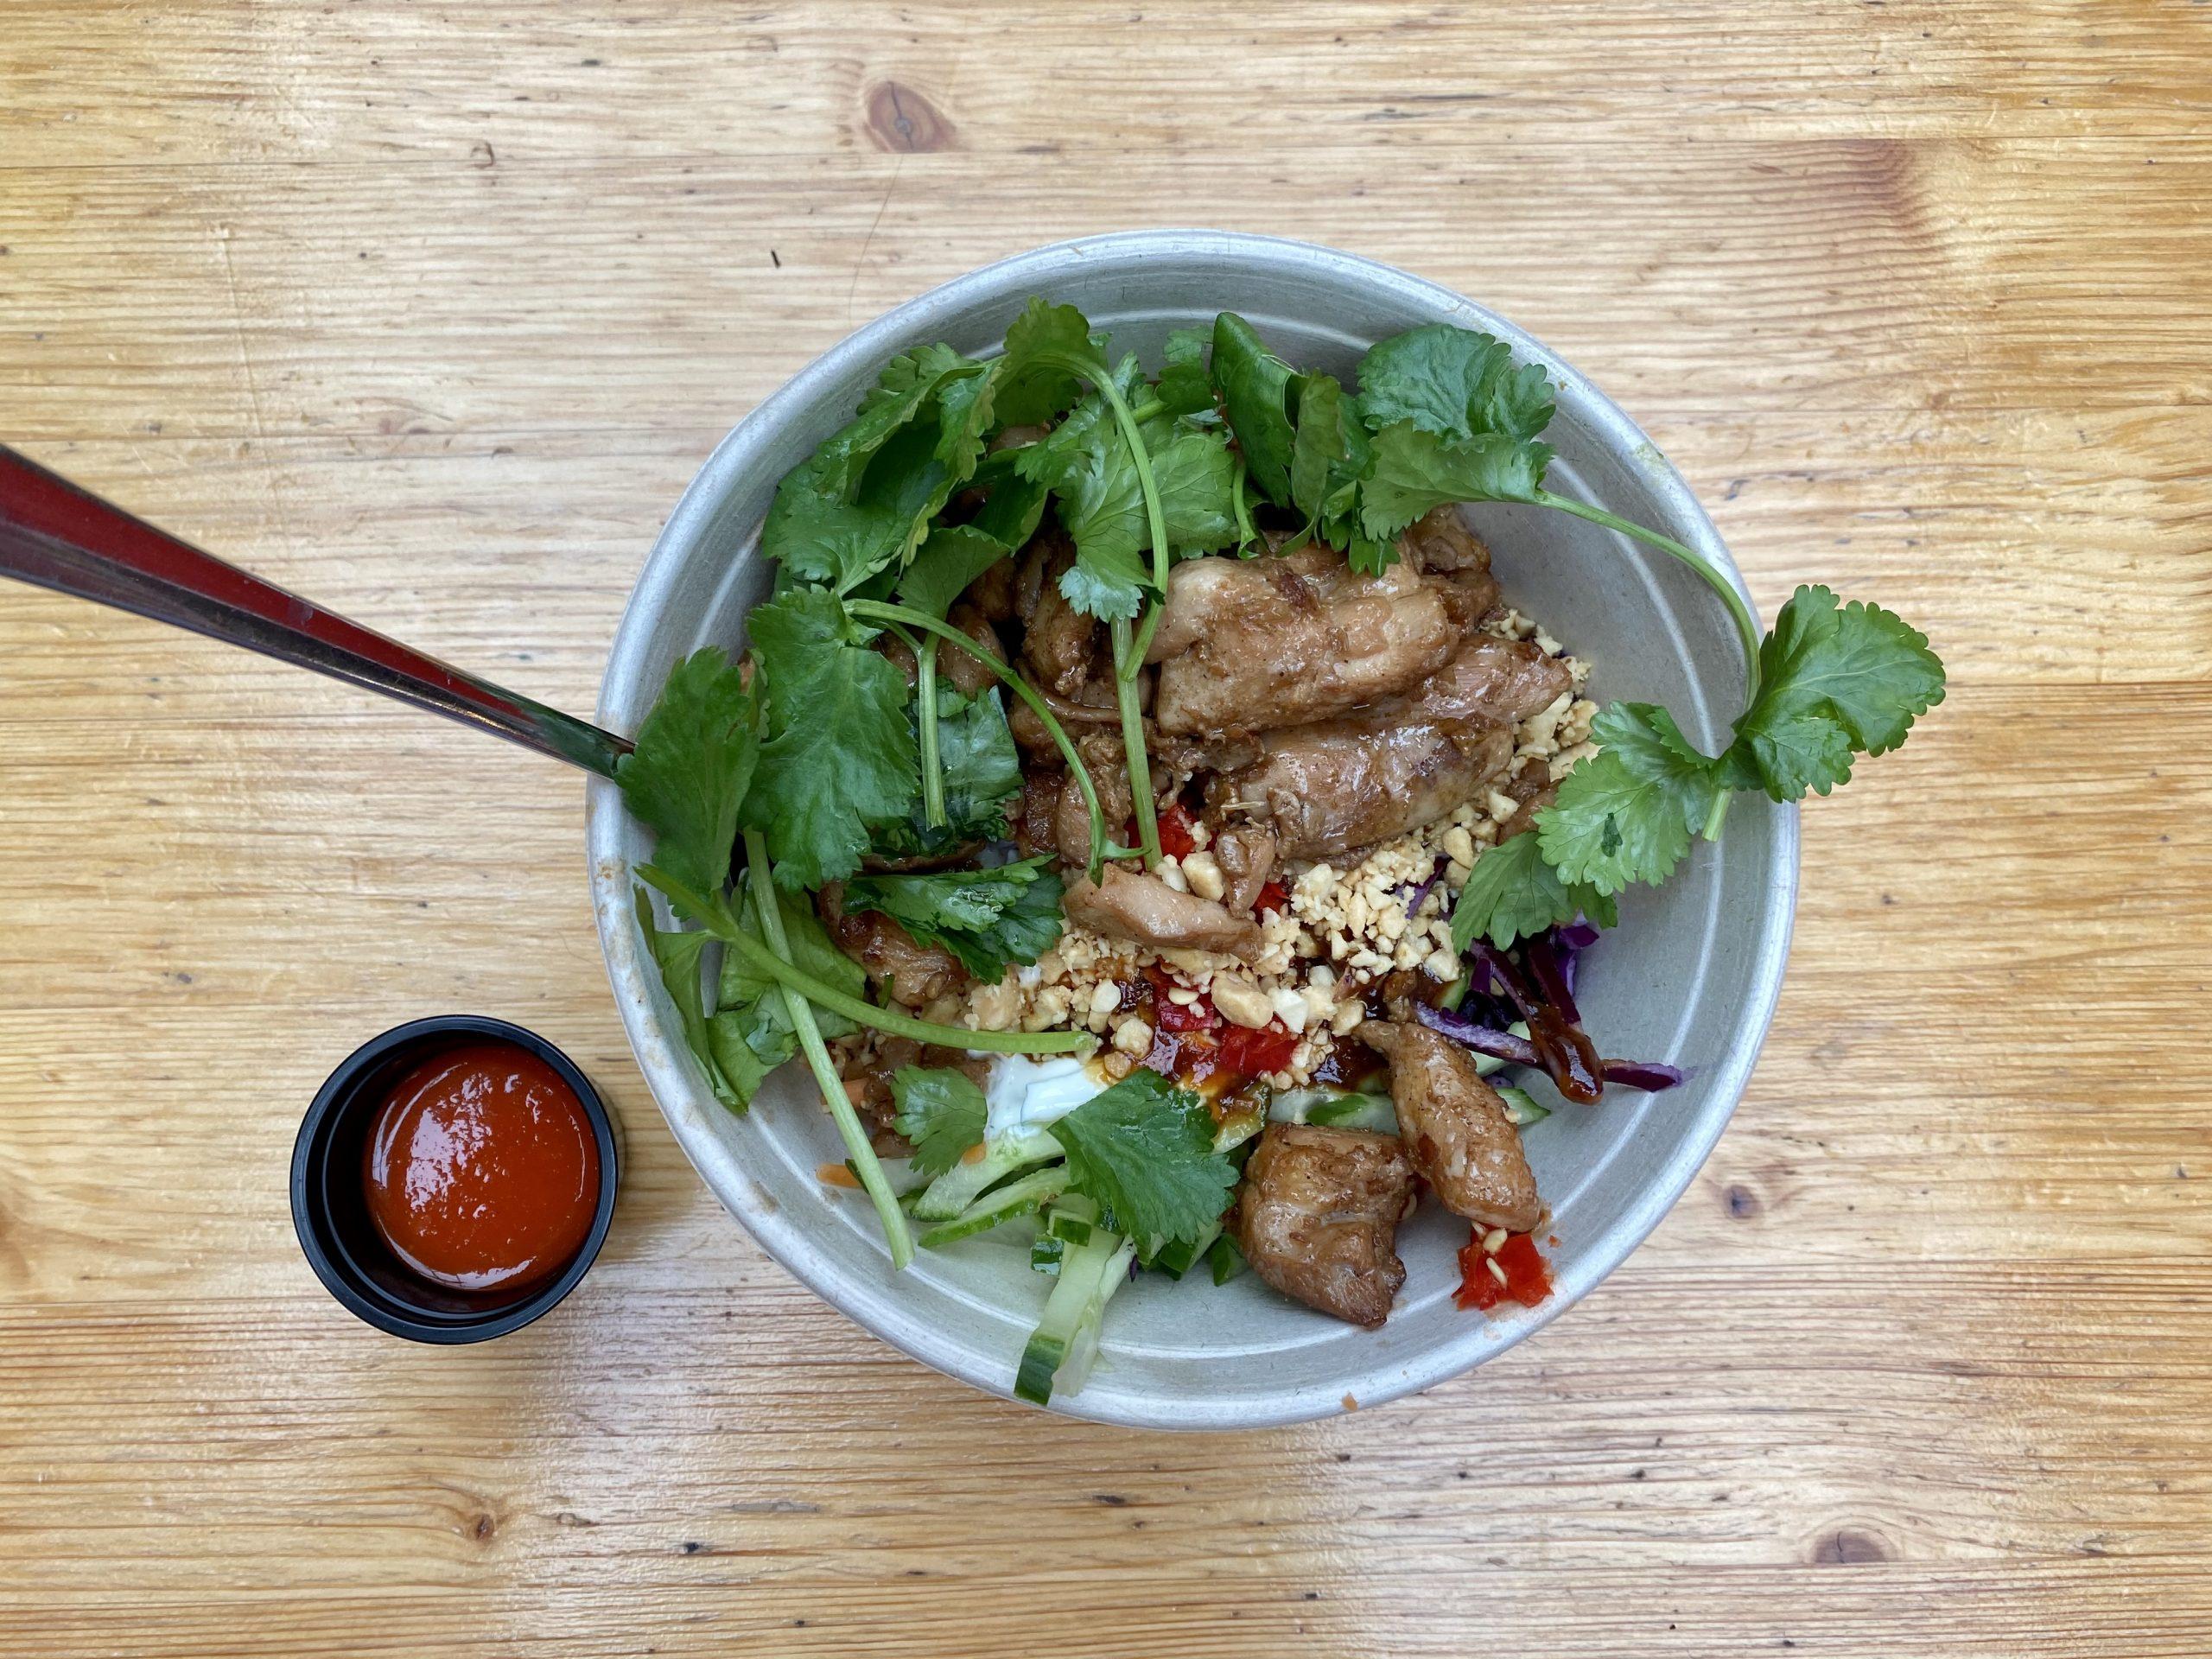 Aarhus Street Food er klar igen: Her er vores fem ultimative favoritter